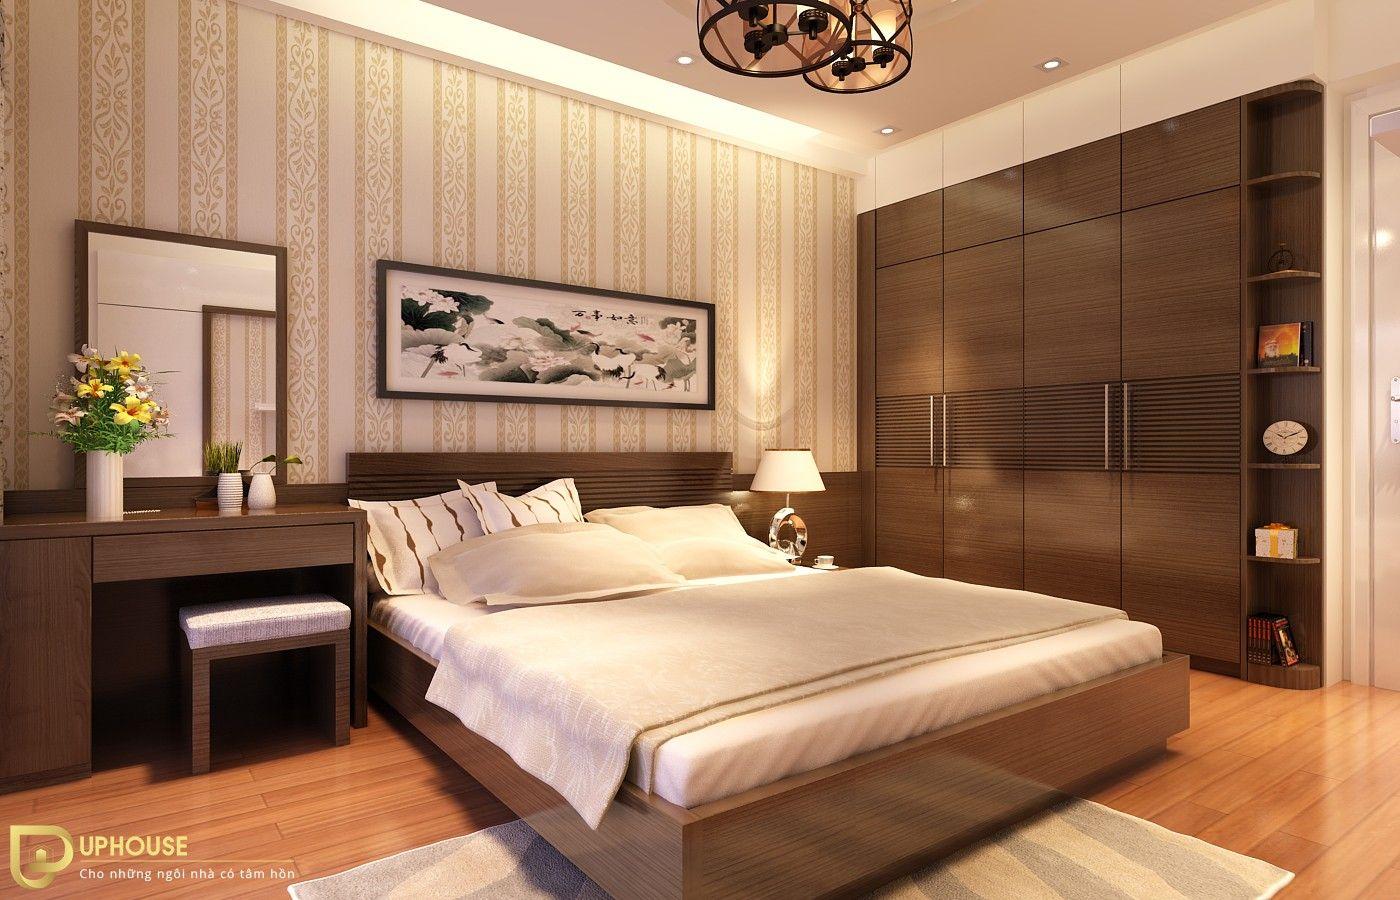 Phòng ngủ cho người mệnh Hỏa 06